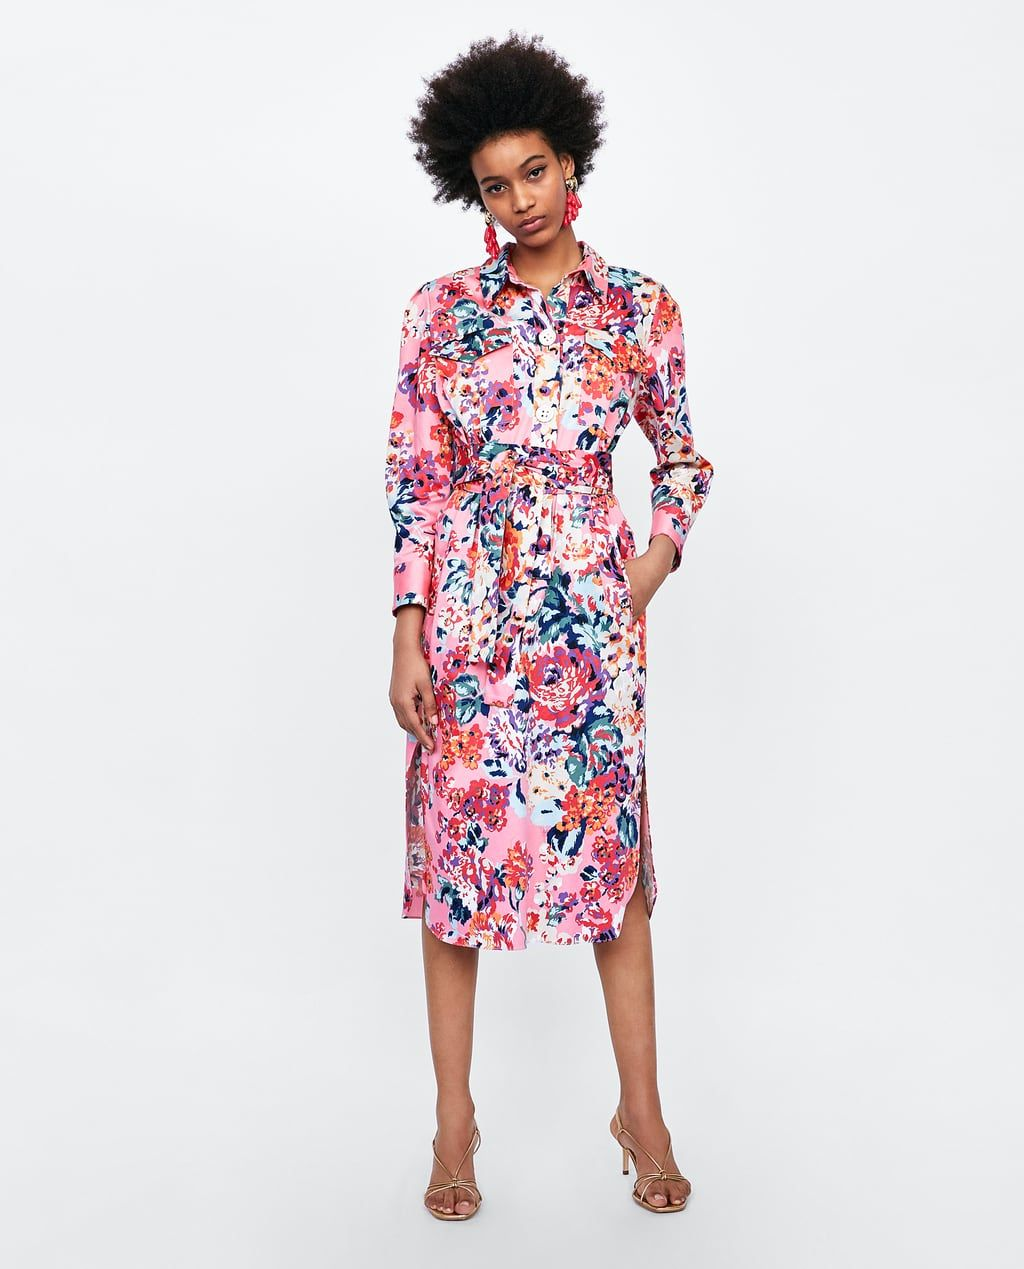 Vestido Camisero Estampado Floral Printed Shirt Dress Dresses Floral Print Shirt